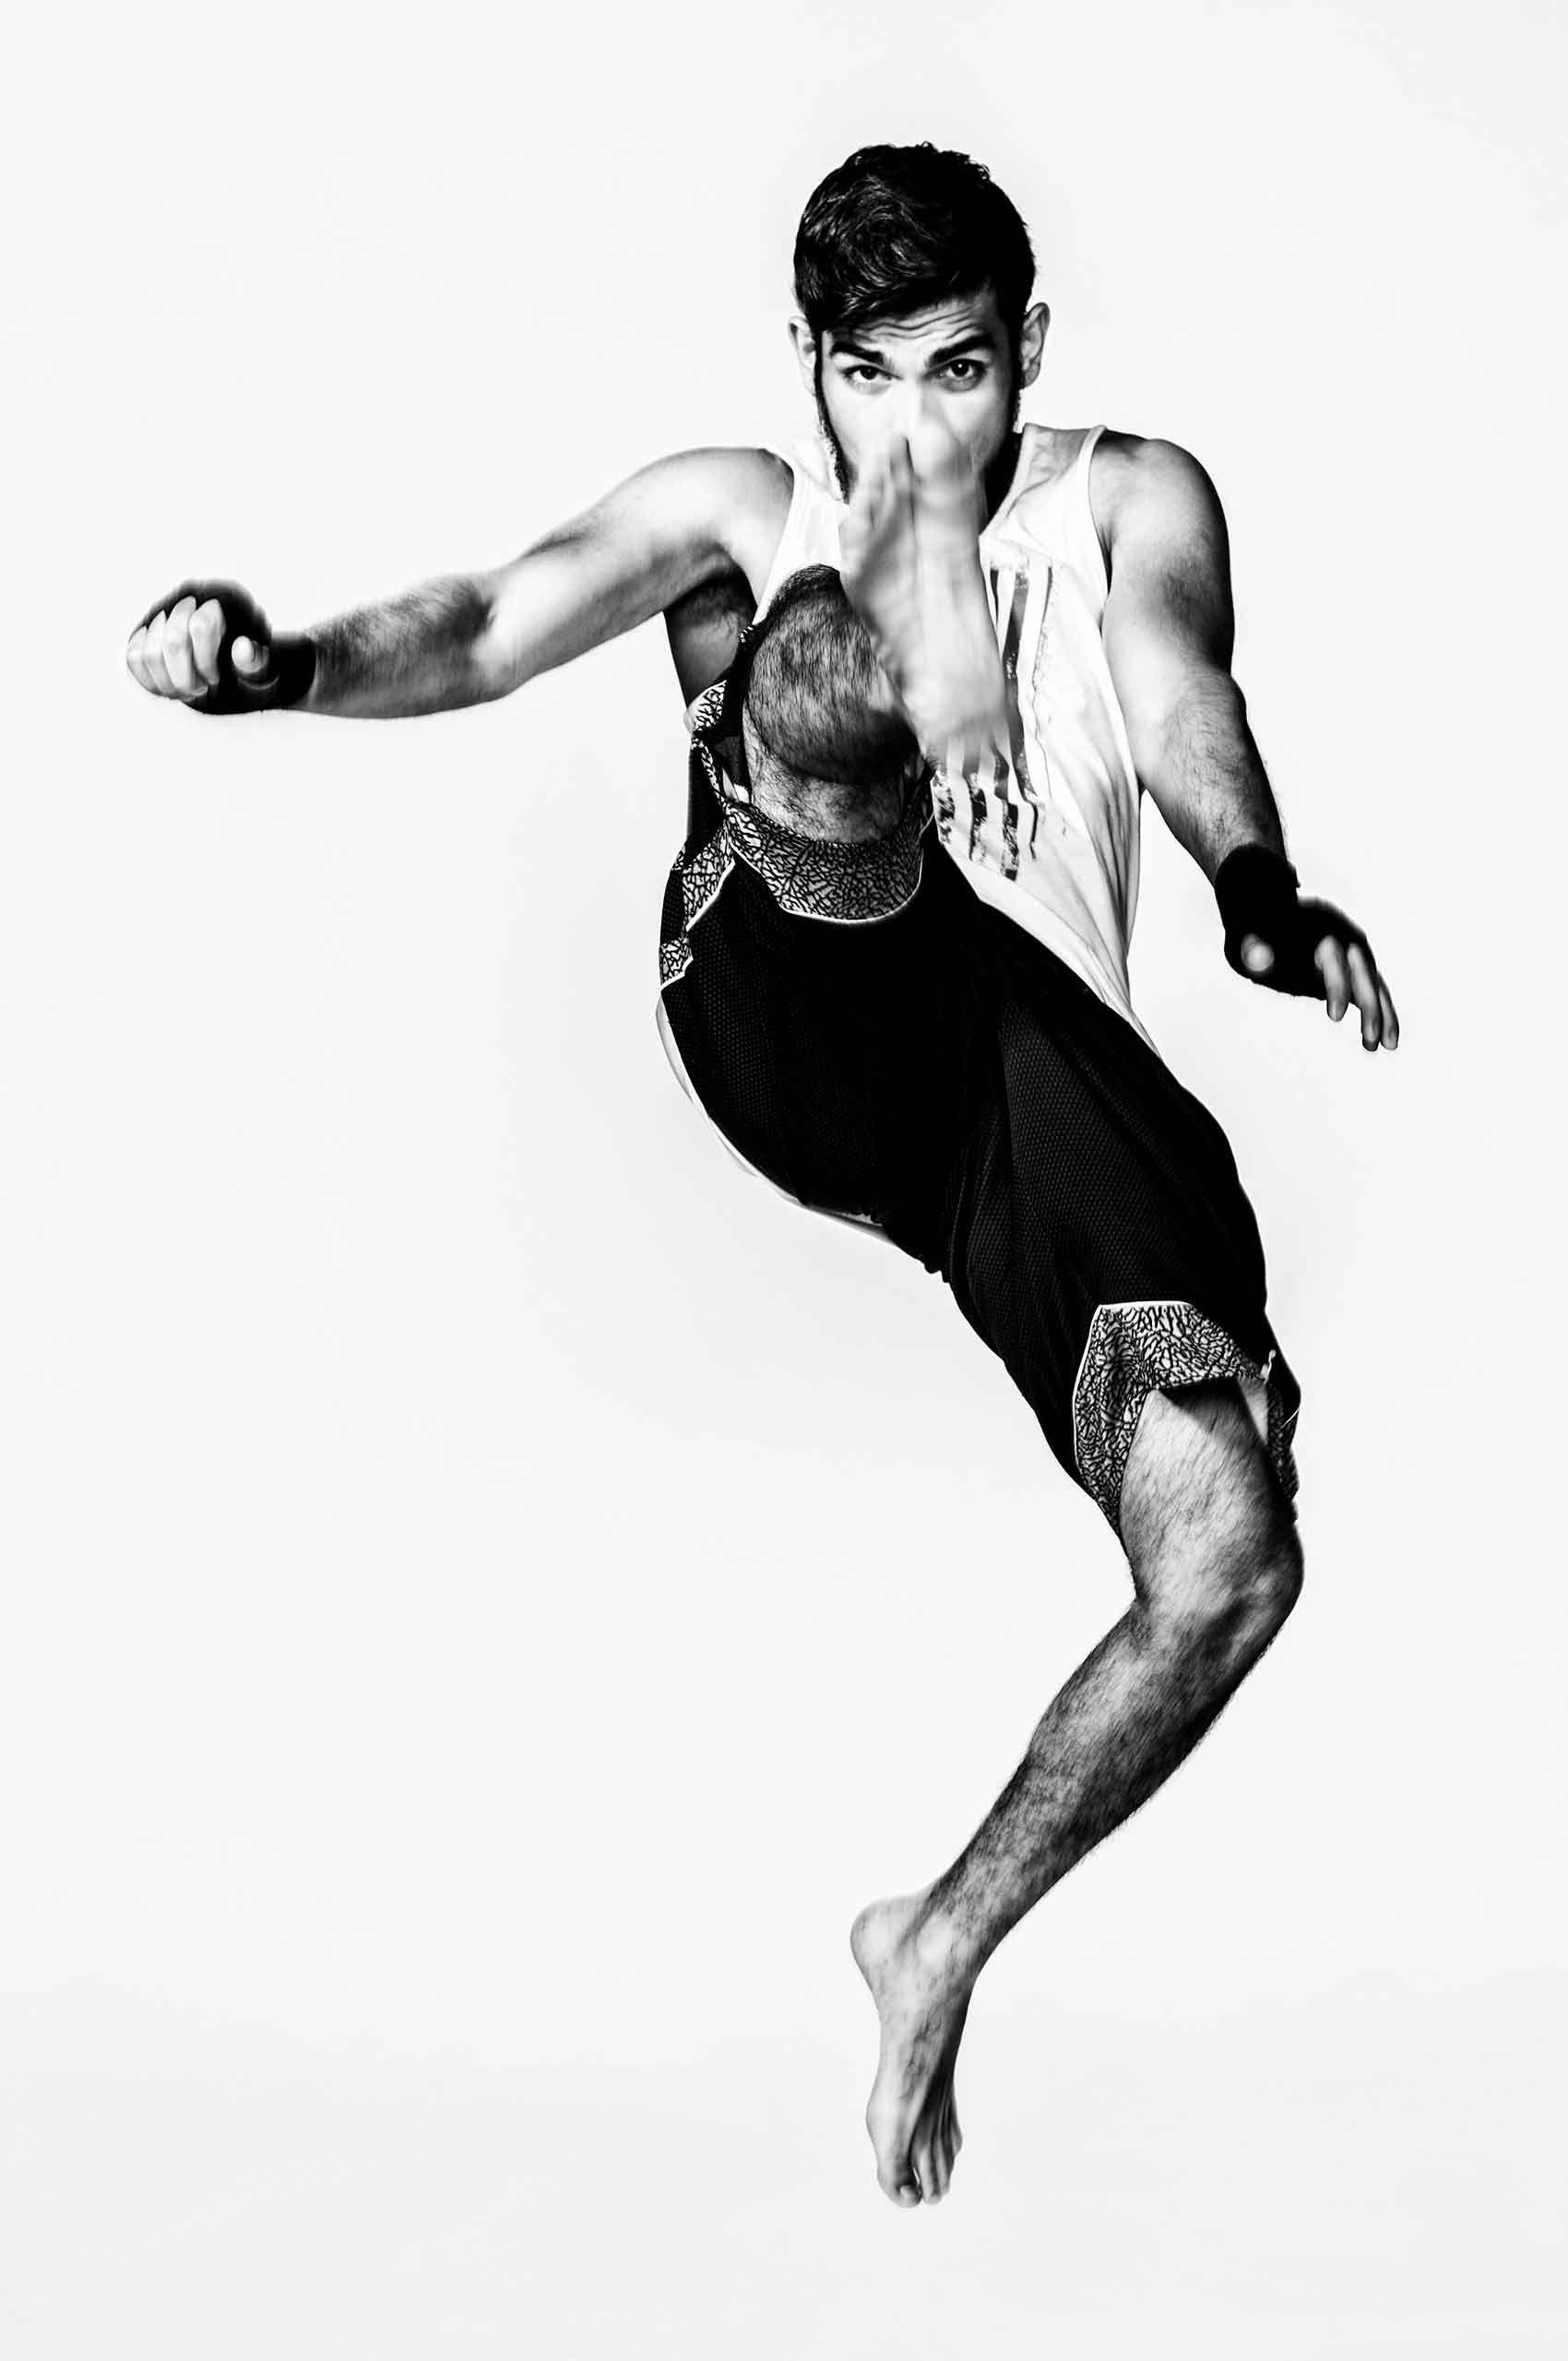 Kickboxer-Frontkick-by-HenrikOlundPhotography.jpg